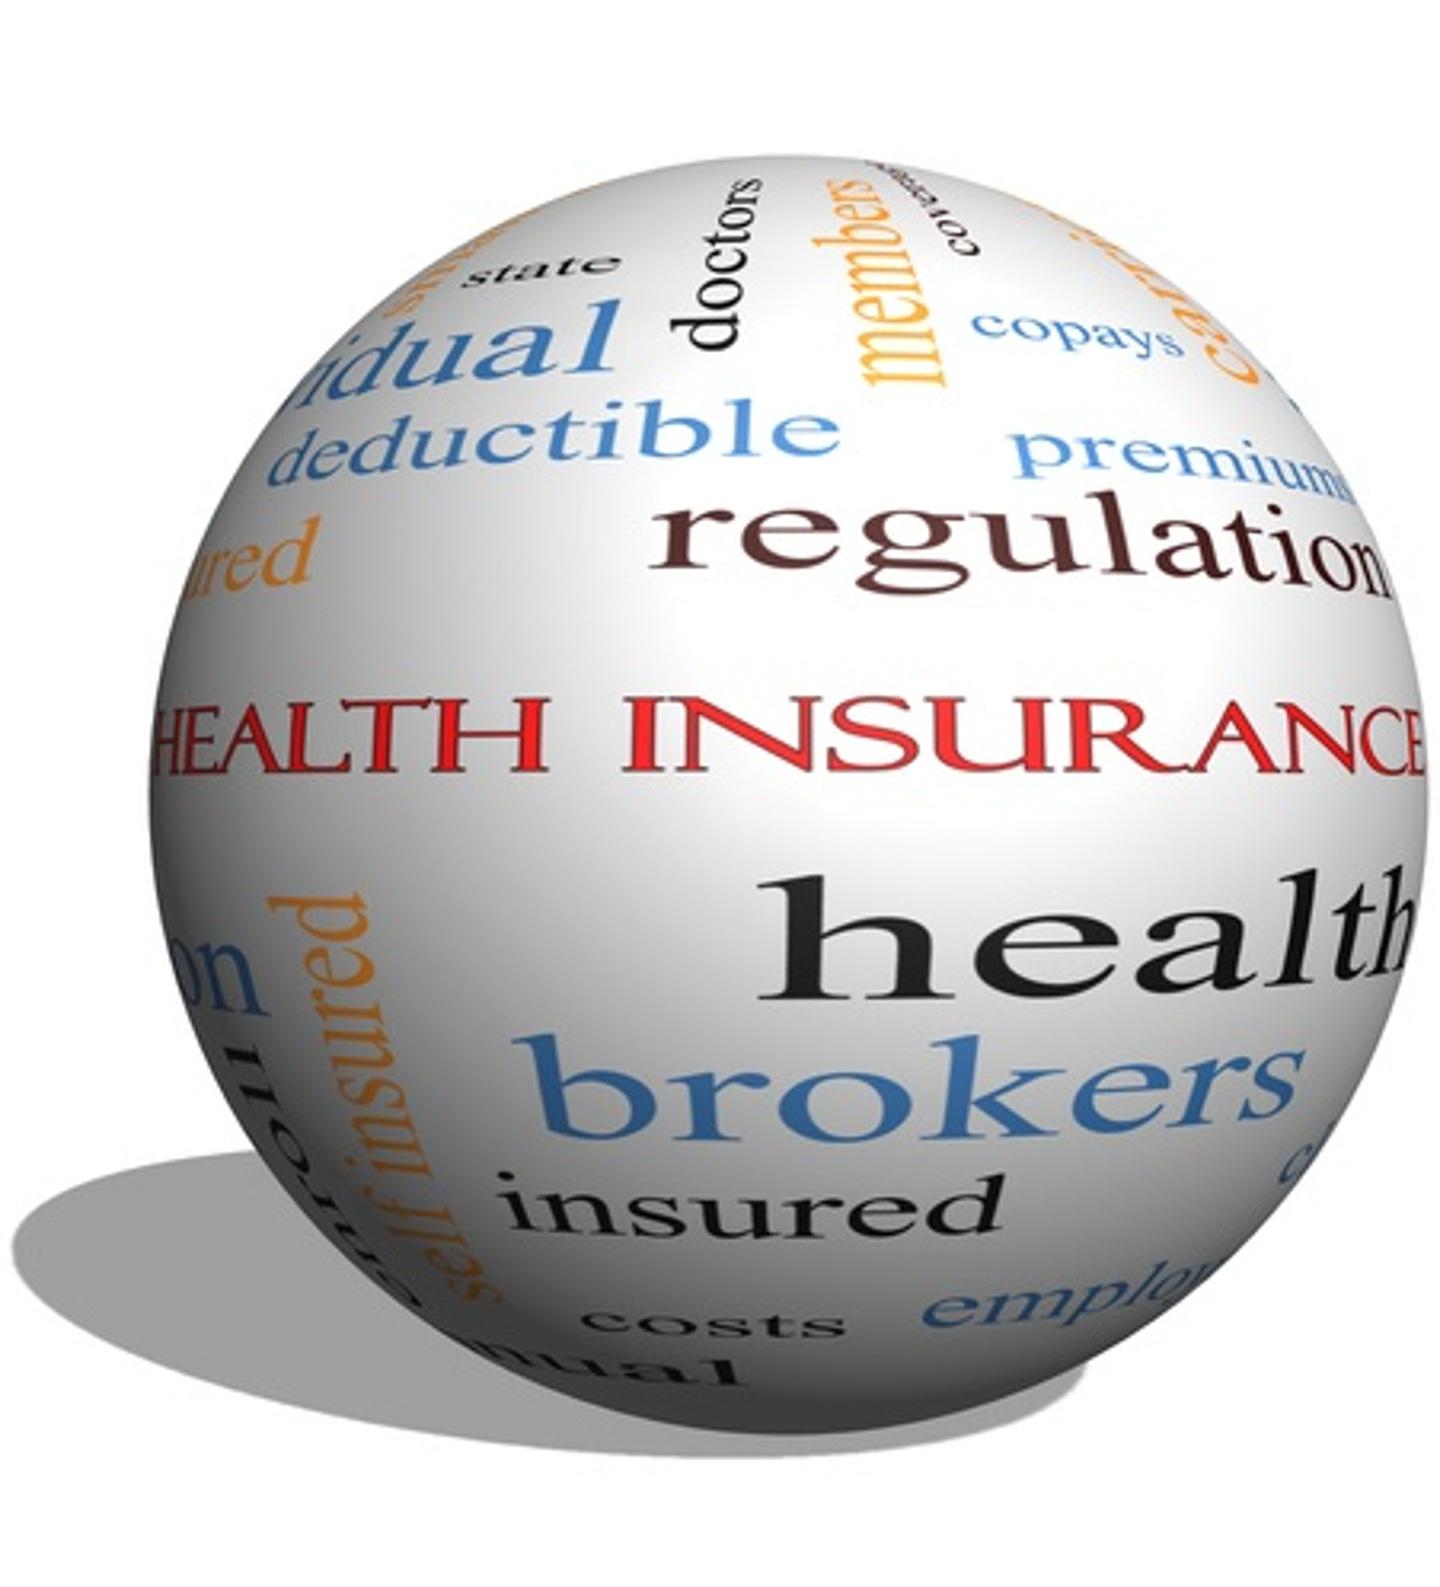 HealthInsuranceBrokers2